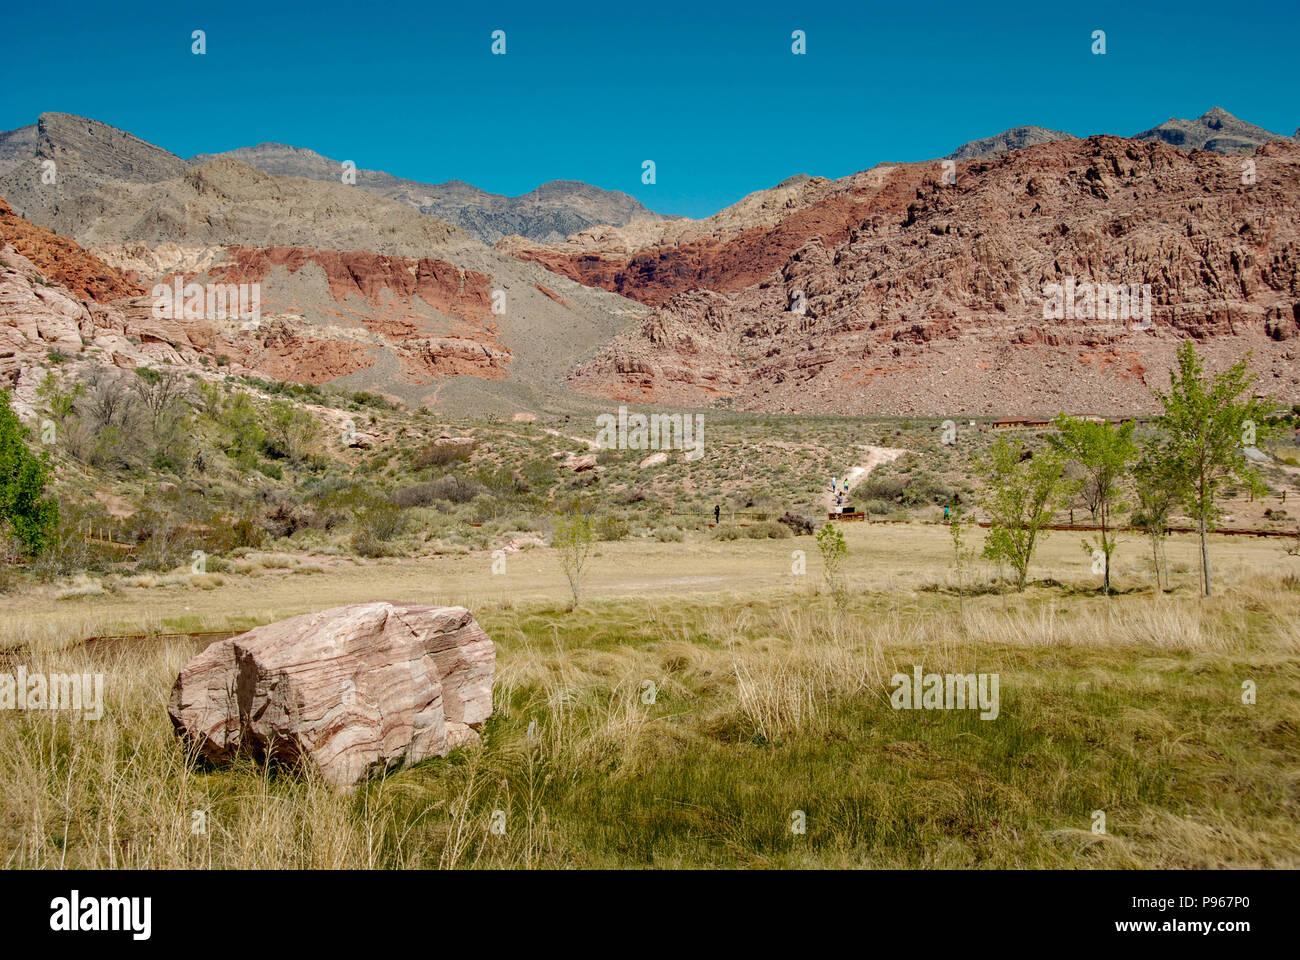 Wiesen und Berge in der Red Rock Canyon National Conservation Area am Rande von Las Vegas, Nevada. Stockfoto